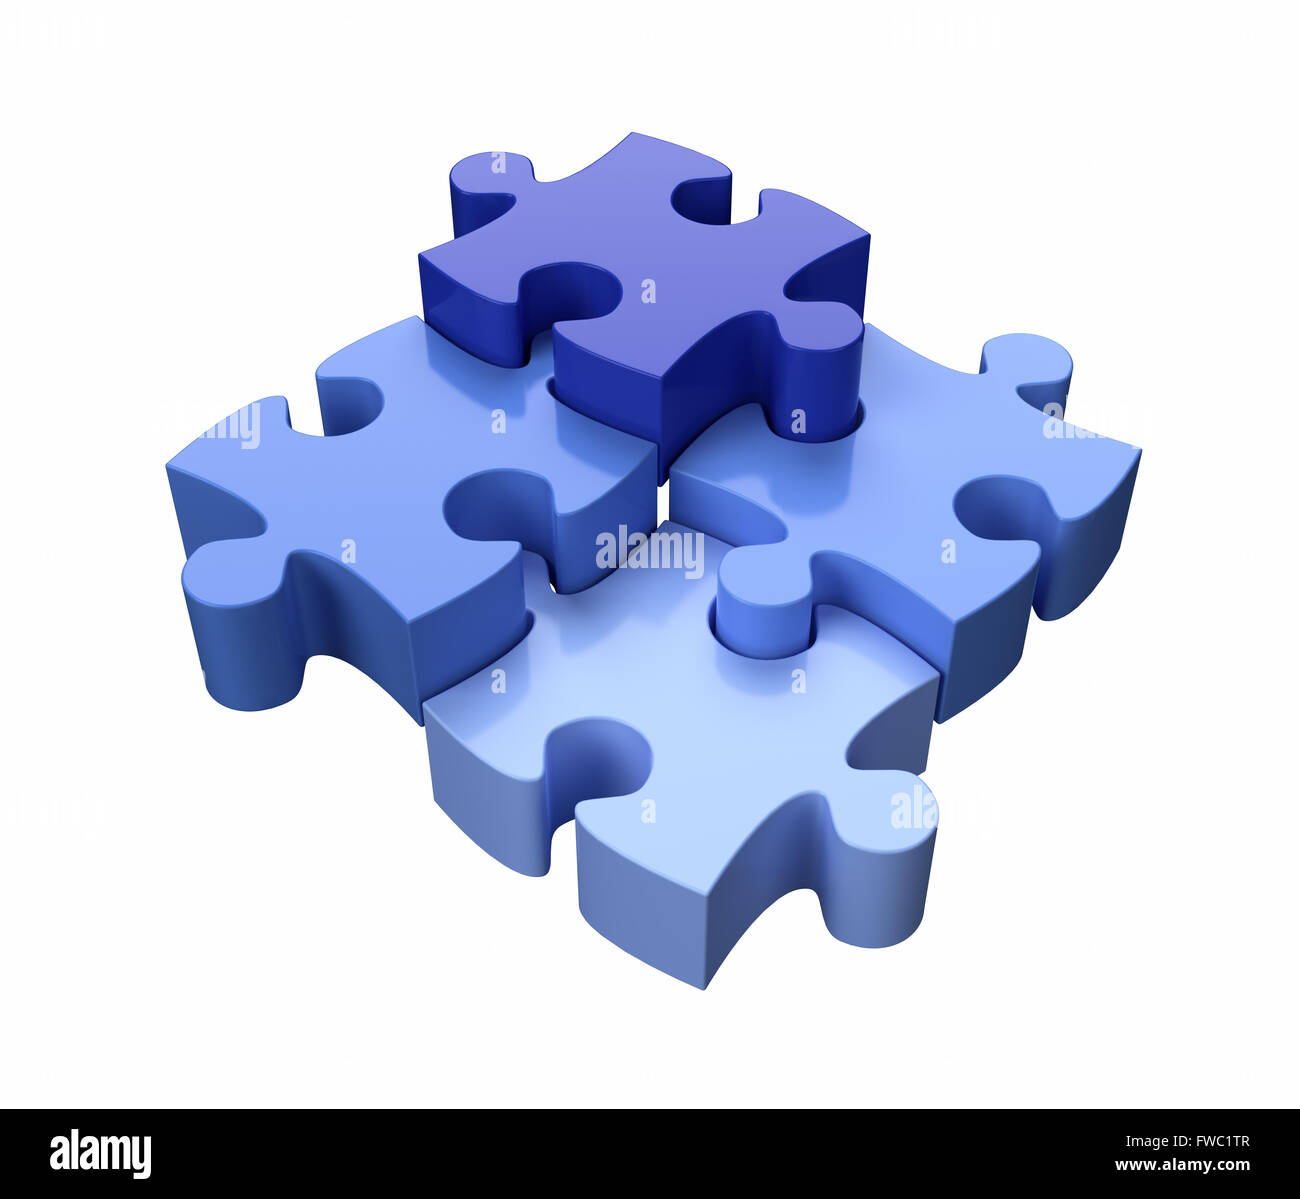 Cuatro piezas de un rompecabezas azul sobre fondo blanco. Imagen De Stock